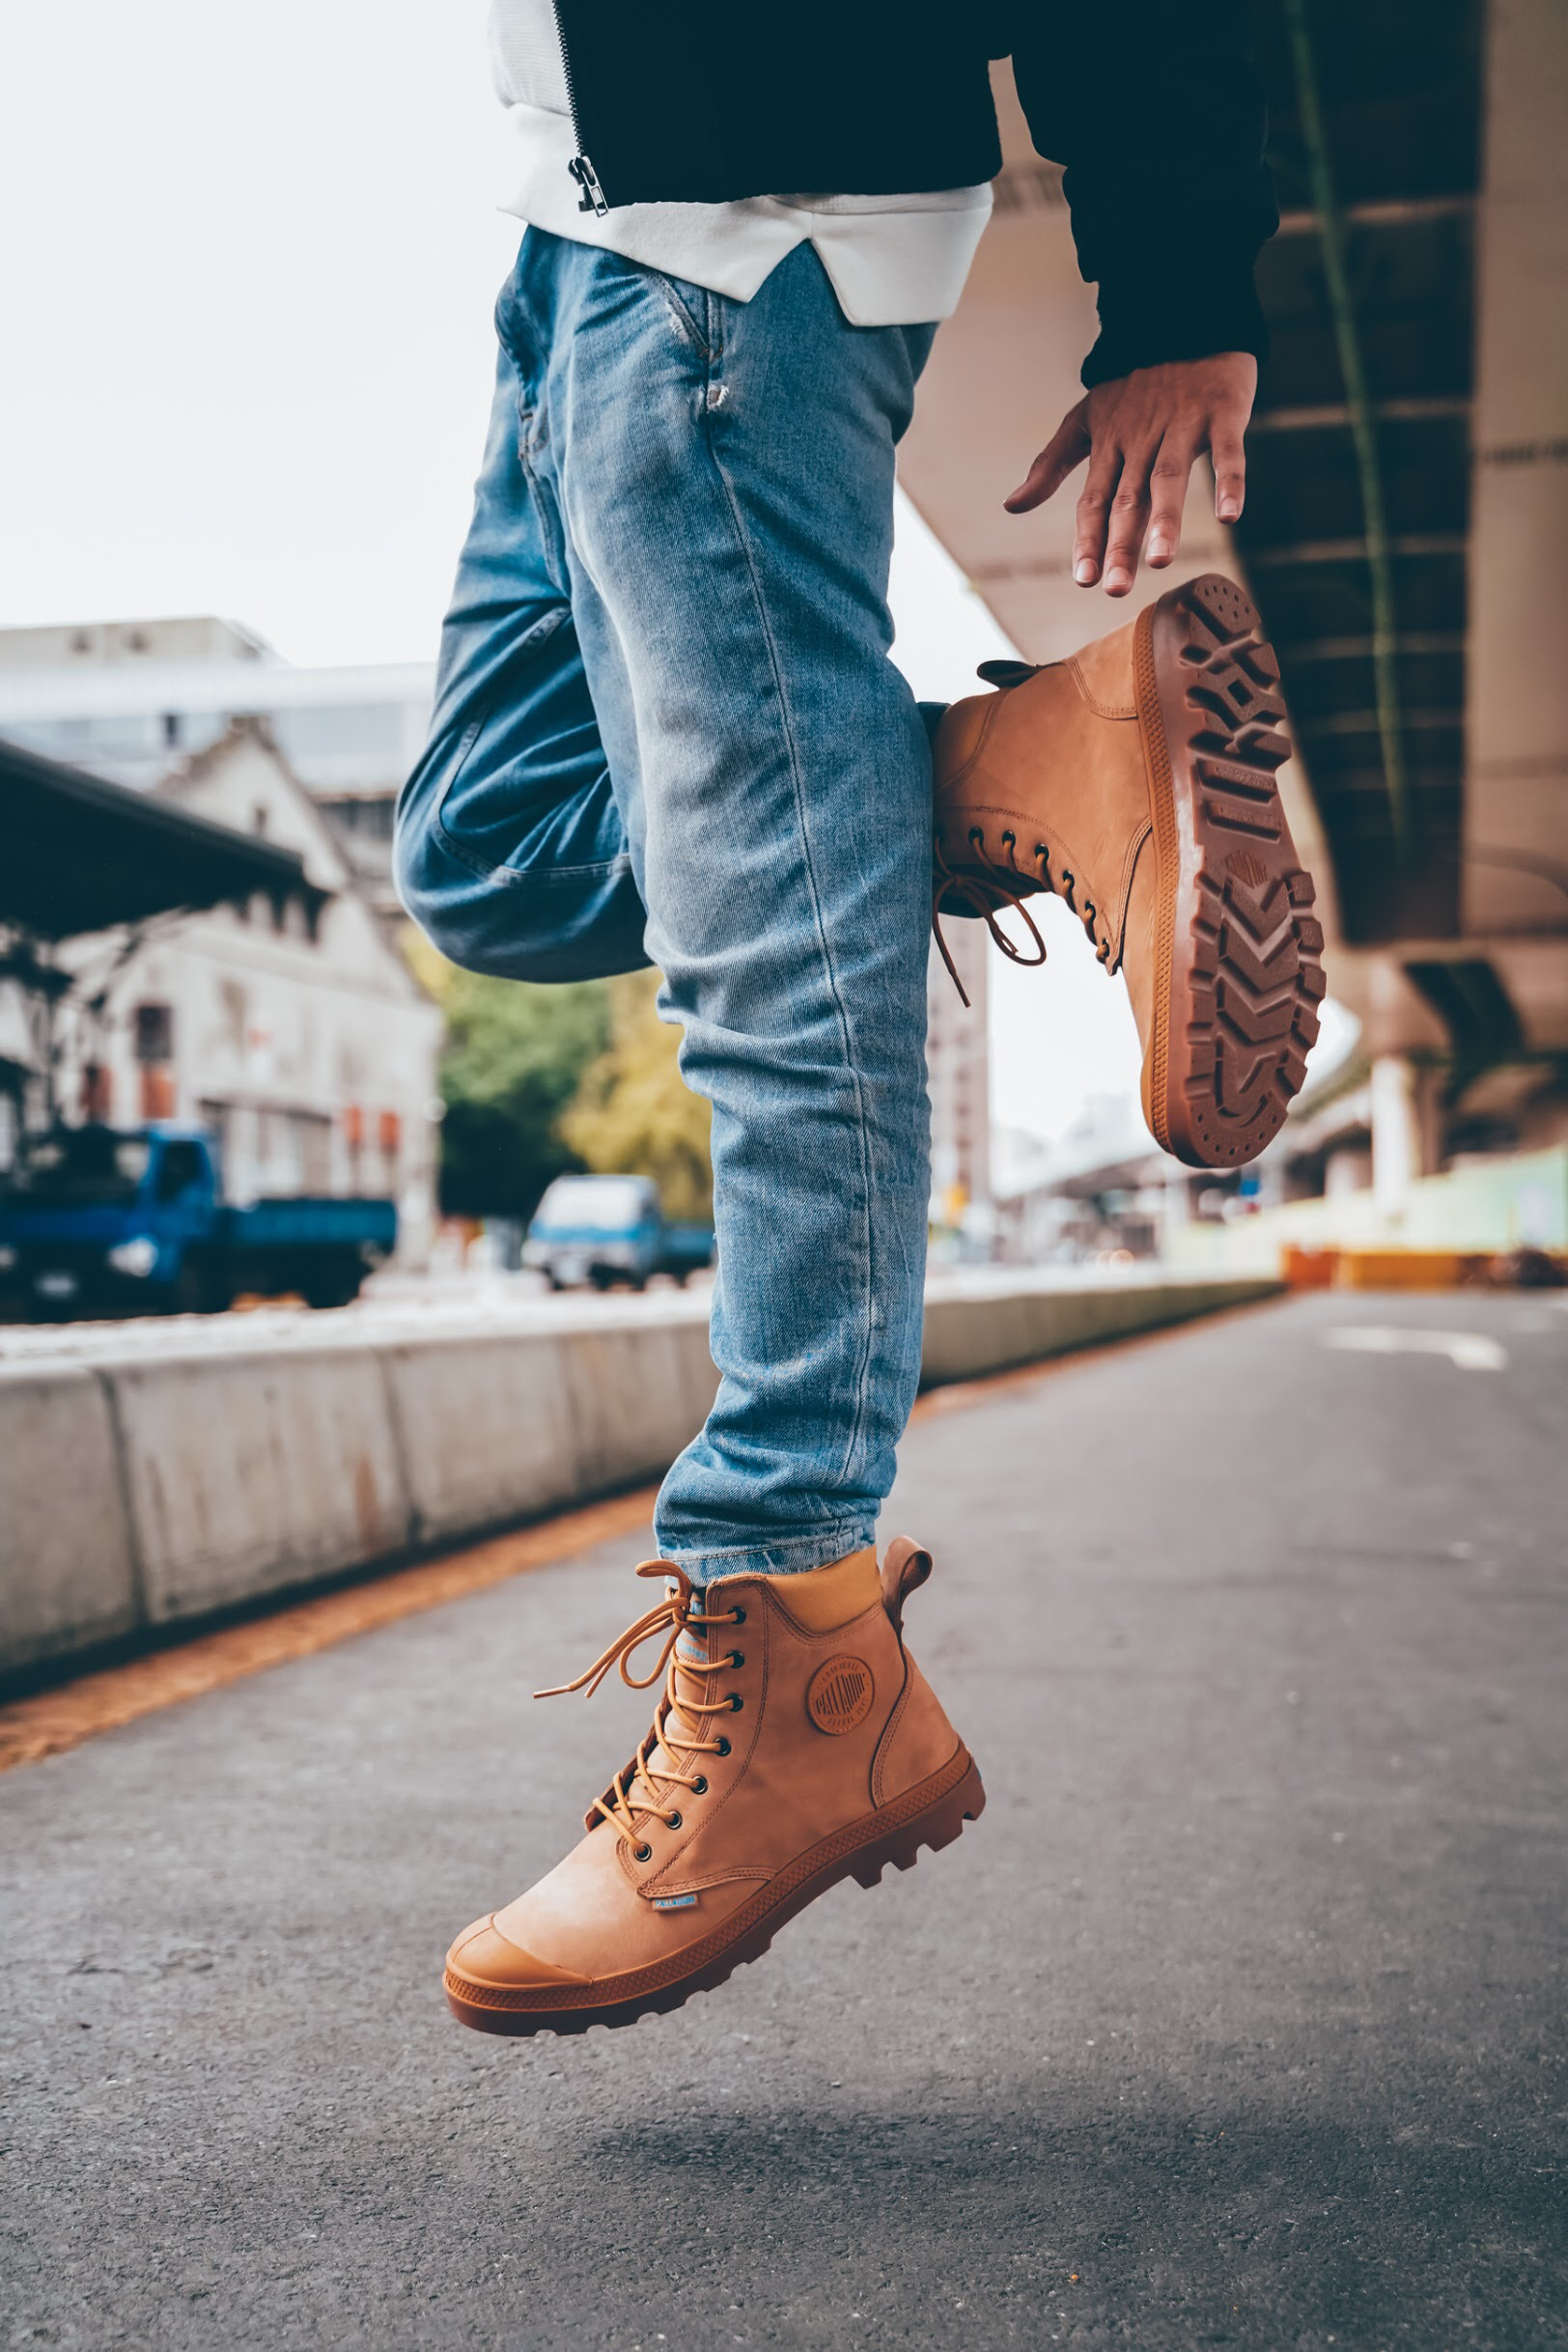 軍靴推薦 男